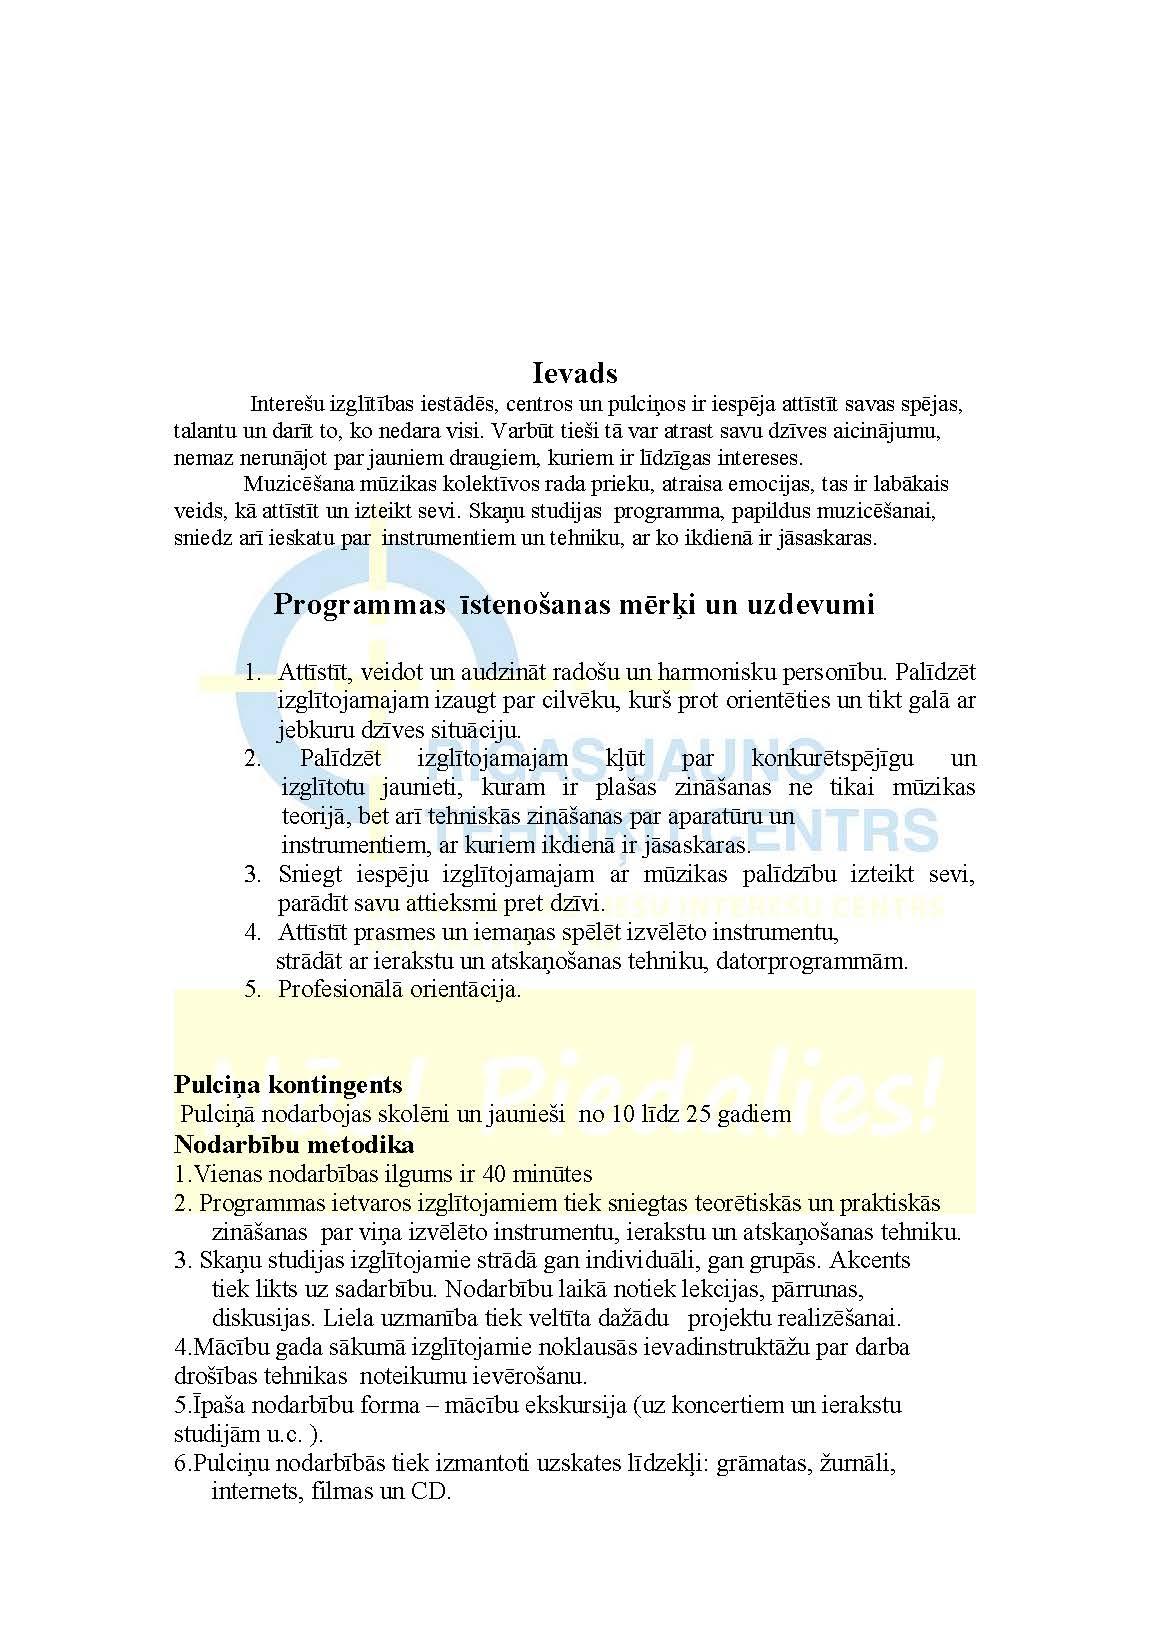 skanu_programma-2